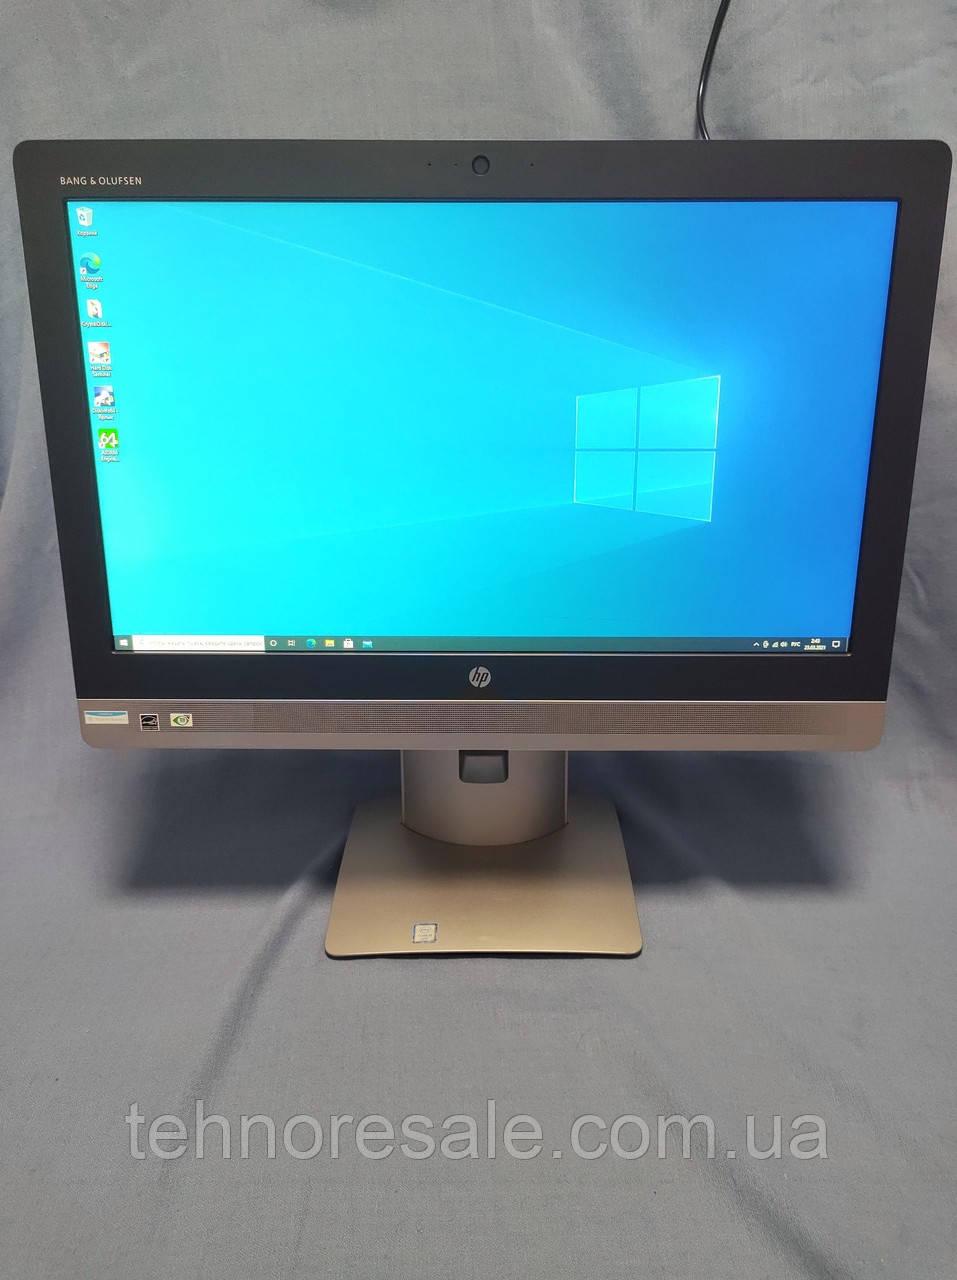 """Моноблок HP EliteOne 800 G2, 23"""", i5-6500, DDR4 4Gb, HDD 500Gb, Wi-Fi"""